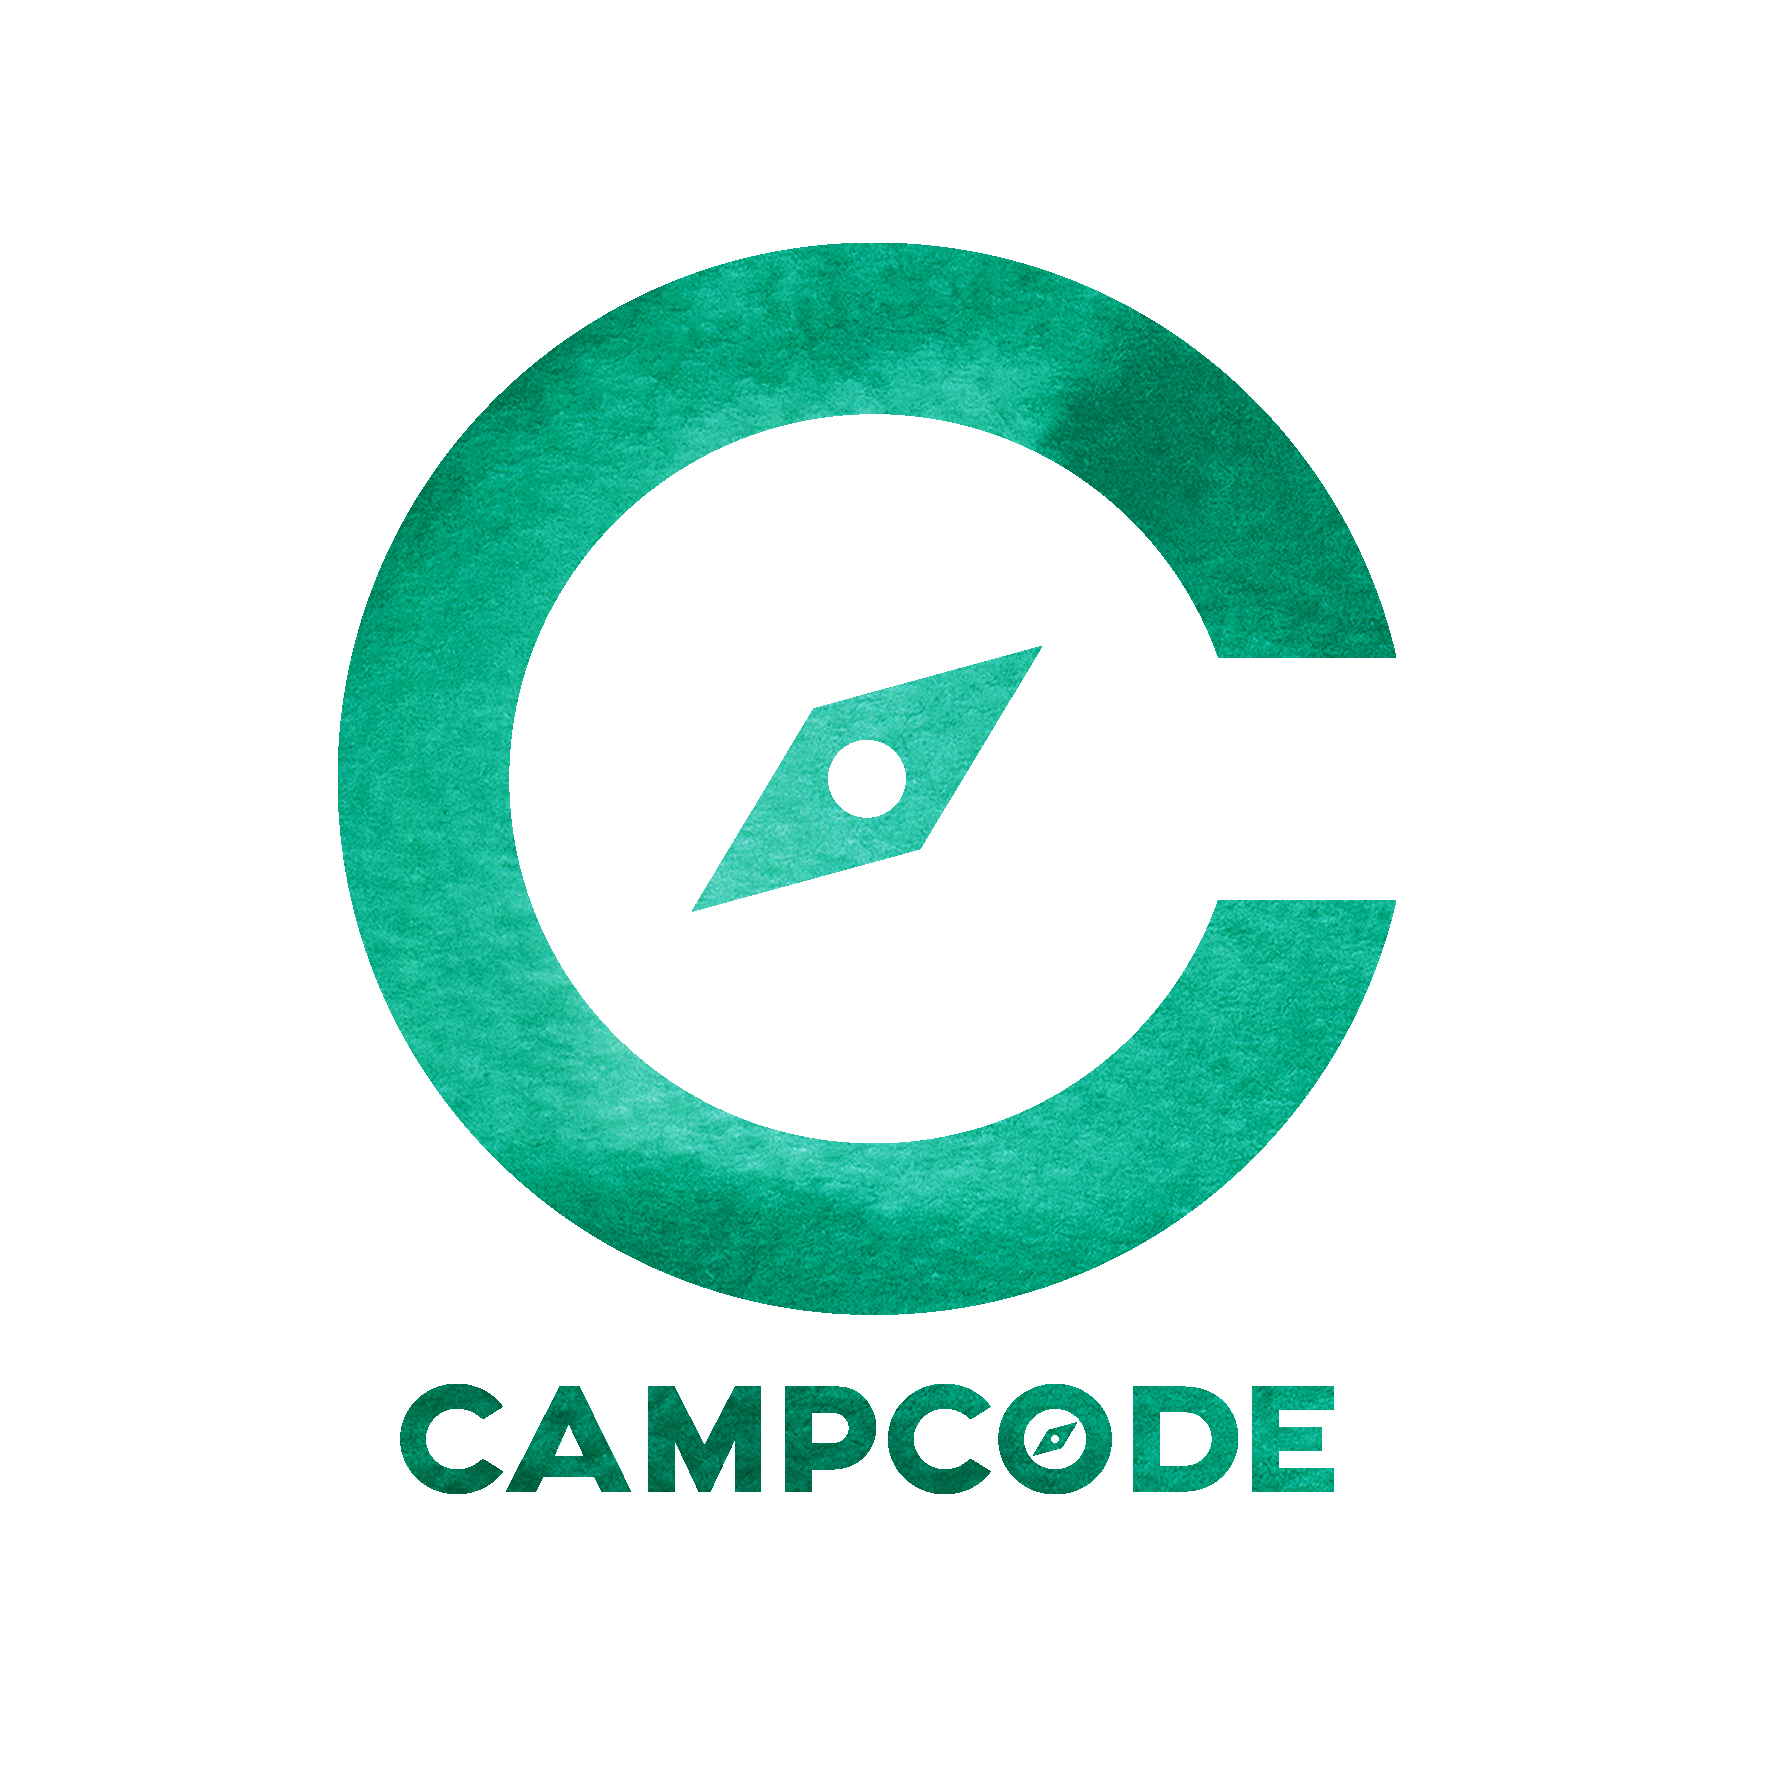 Campcodelogo.jpg